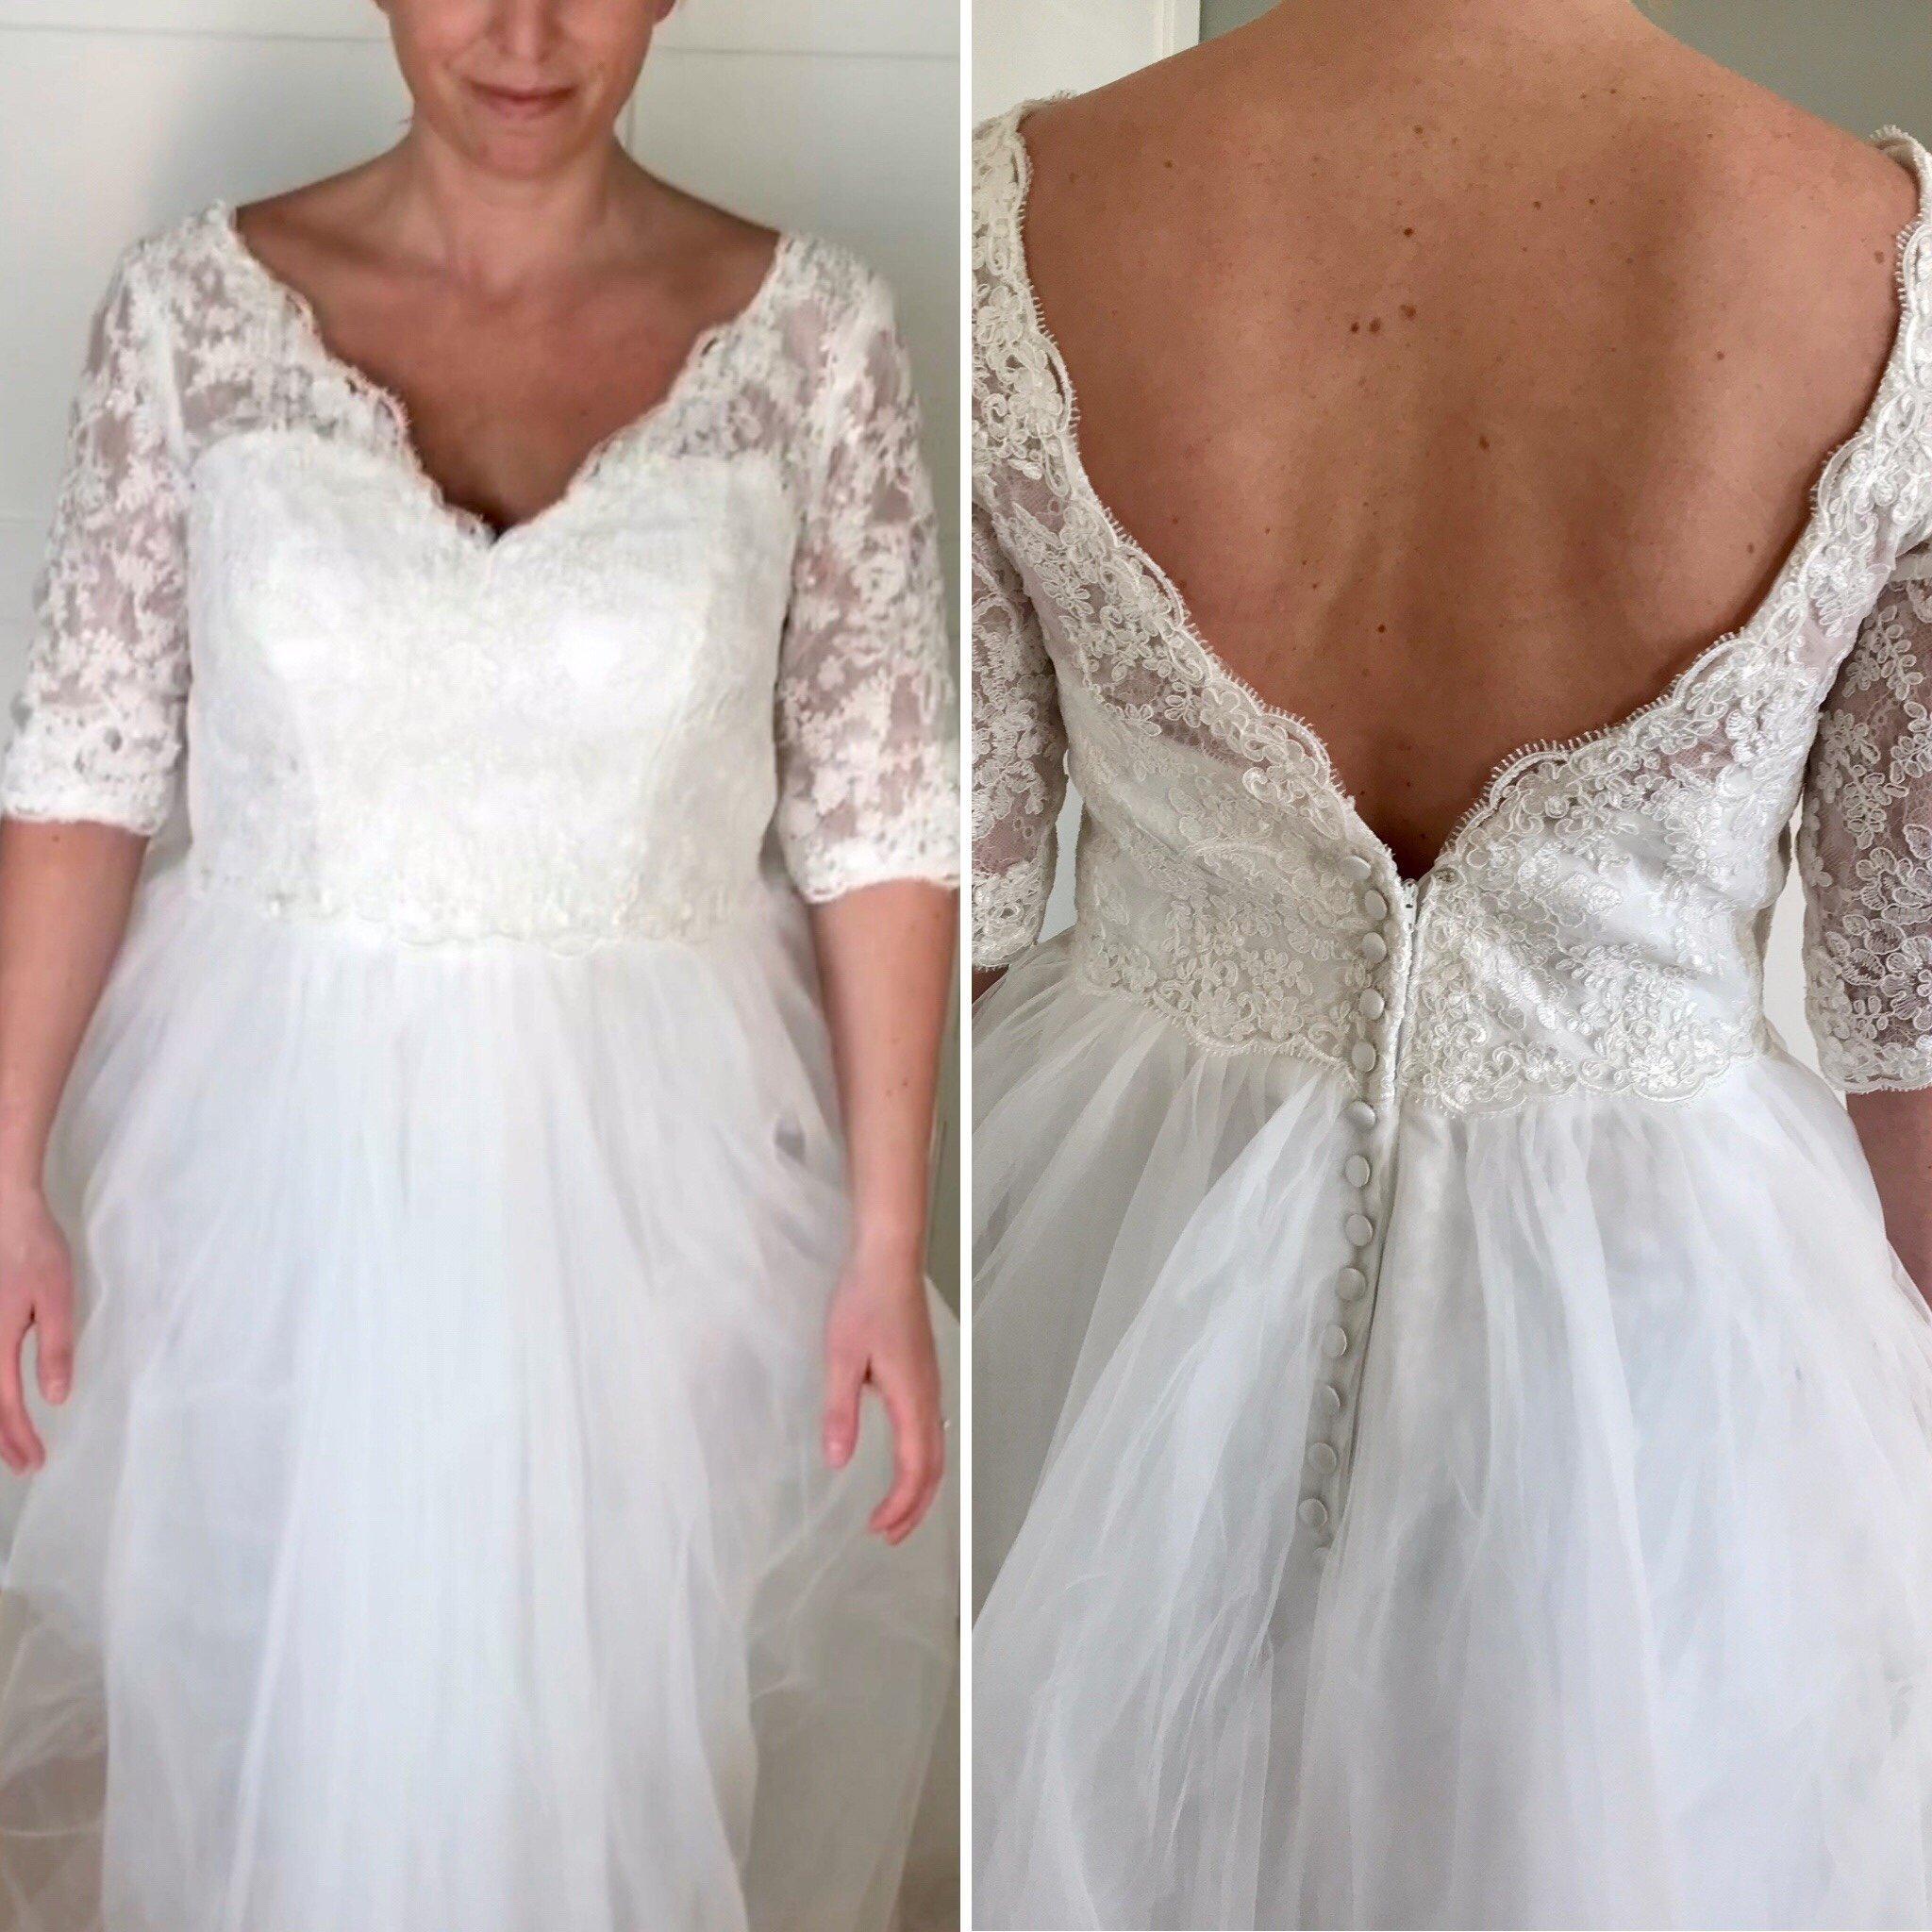 dcd1a8acc926 Oanvänd brudklänning strl 40 (347417353) ᐈ Köp på Tradera